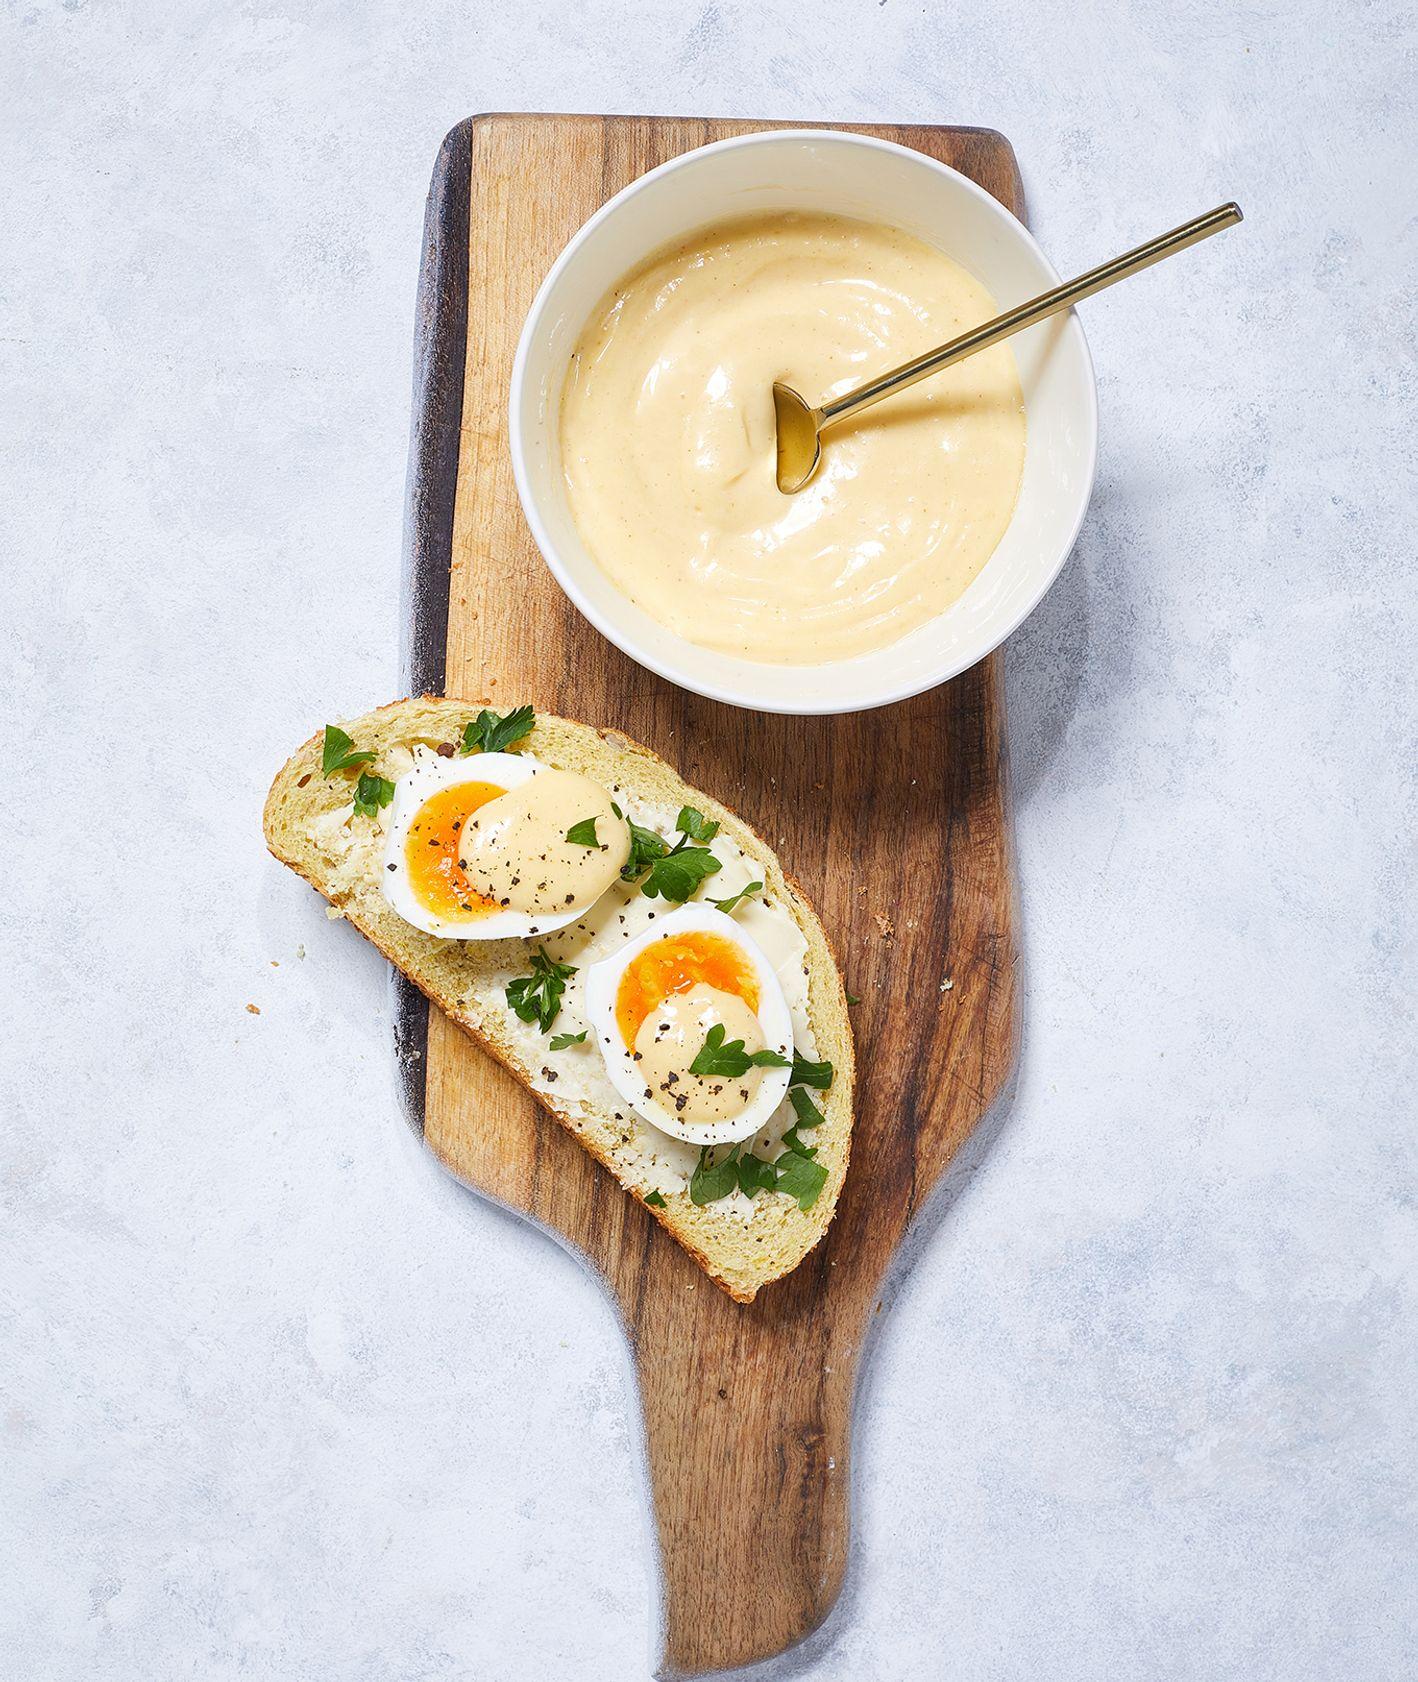 Miska z domowym majonezem i kanapka z majonezem, jajkiem na półtwardo i pietruszką (fot. Maciek Niemojewski)